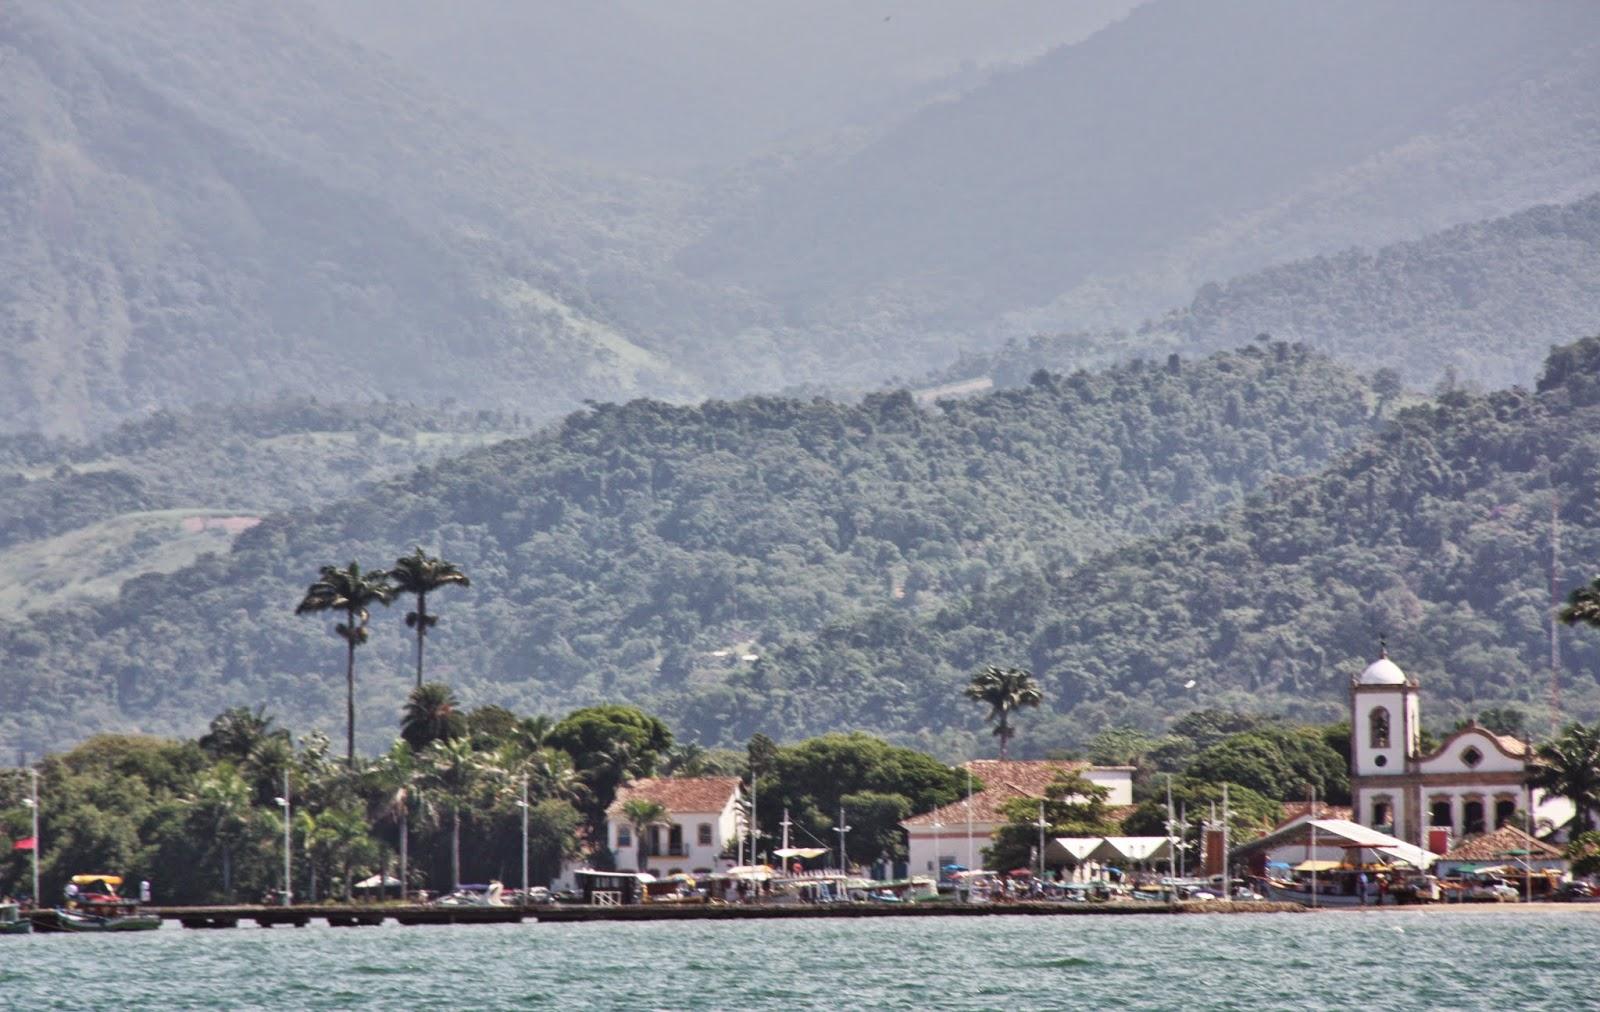 Igreja de Santa Rita, em Paraty, vista do mar